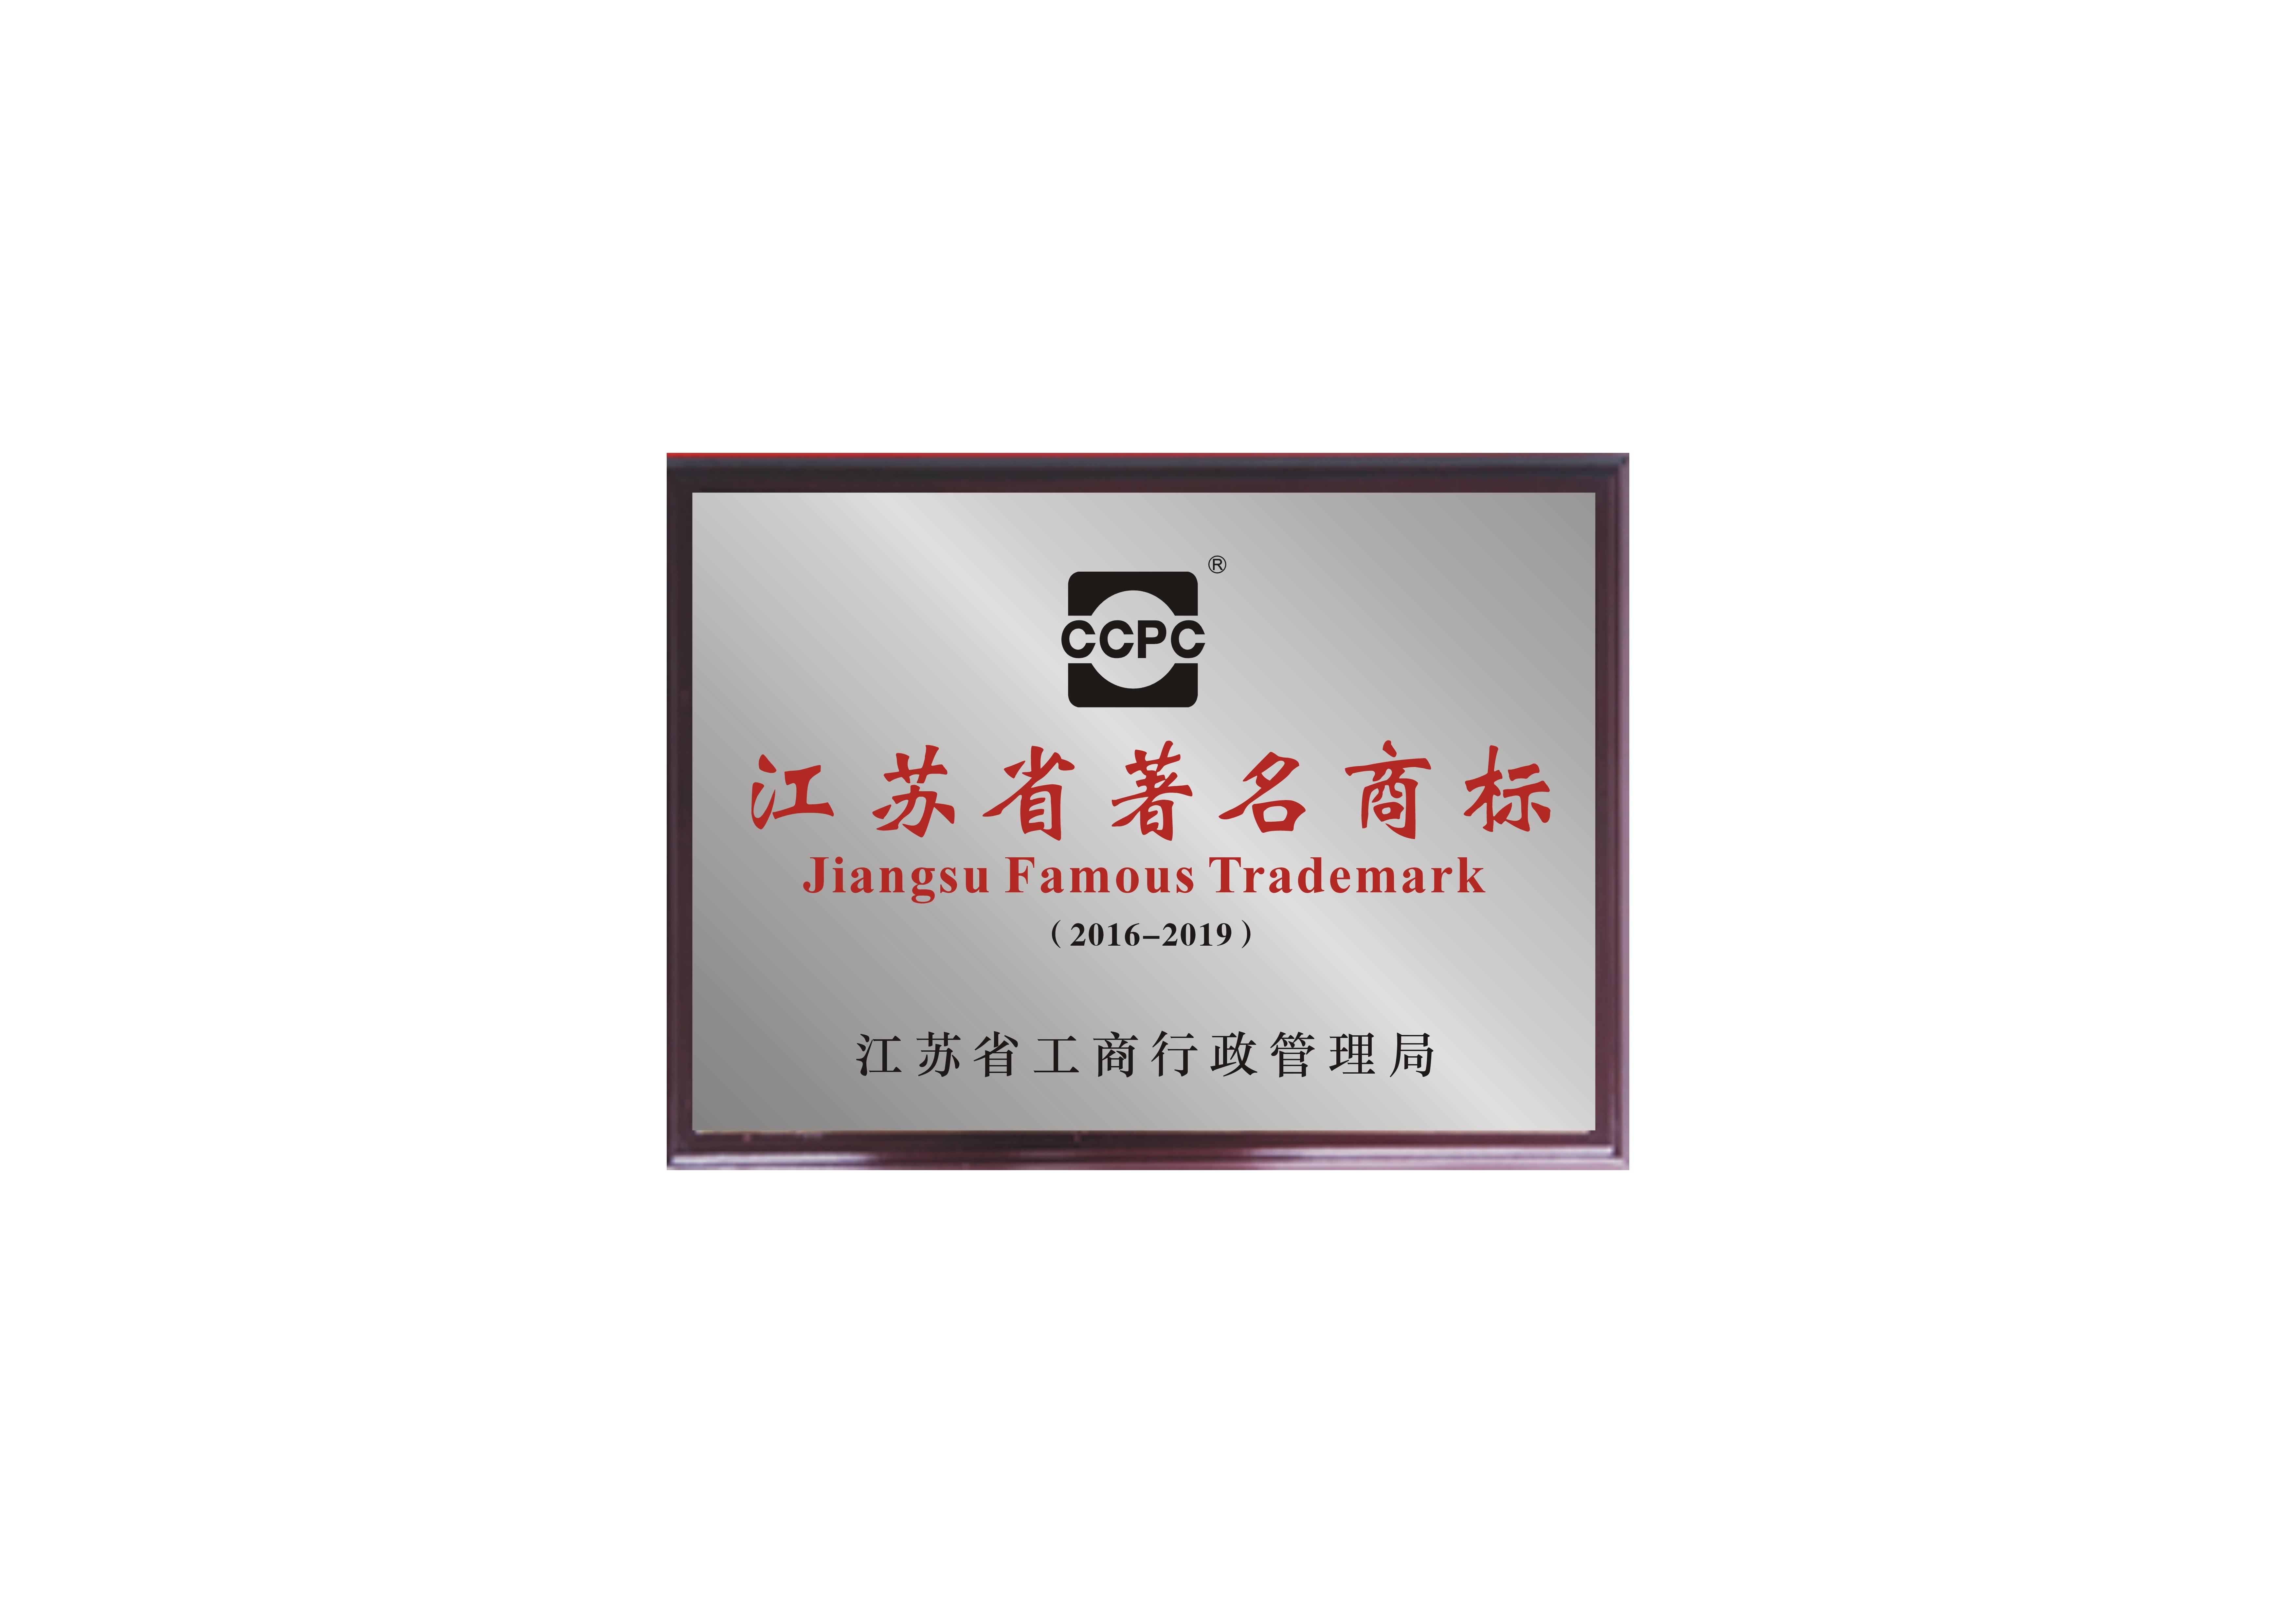 江蘇省有名な商標